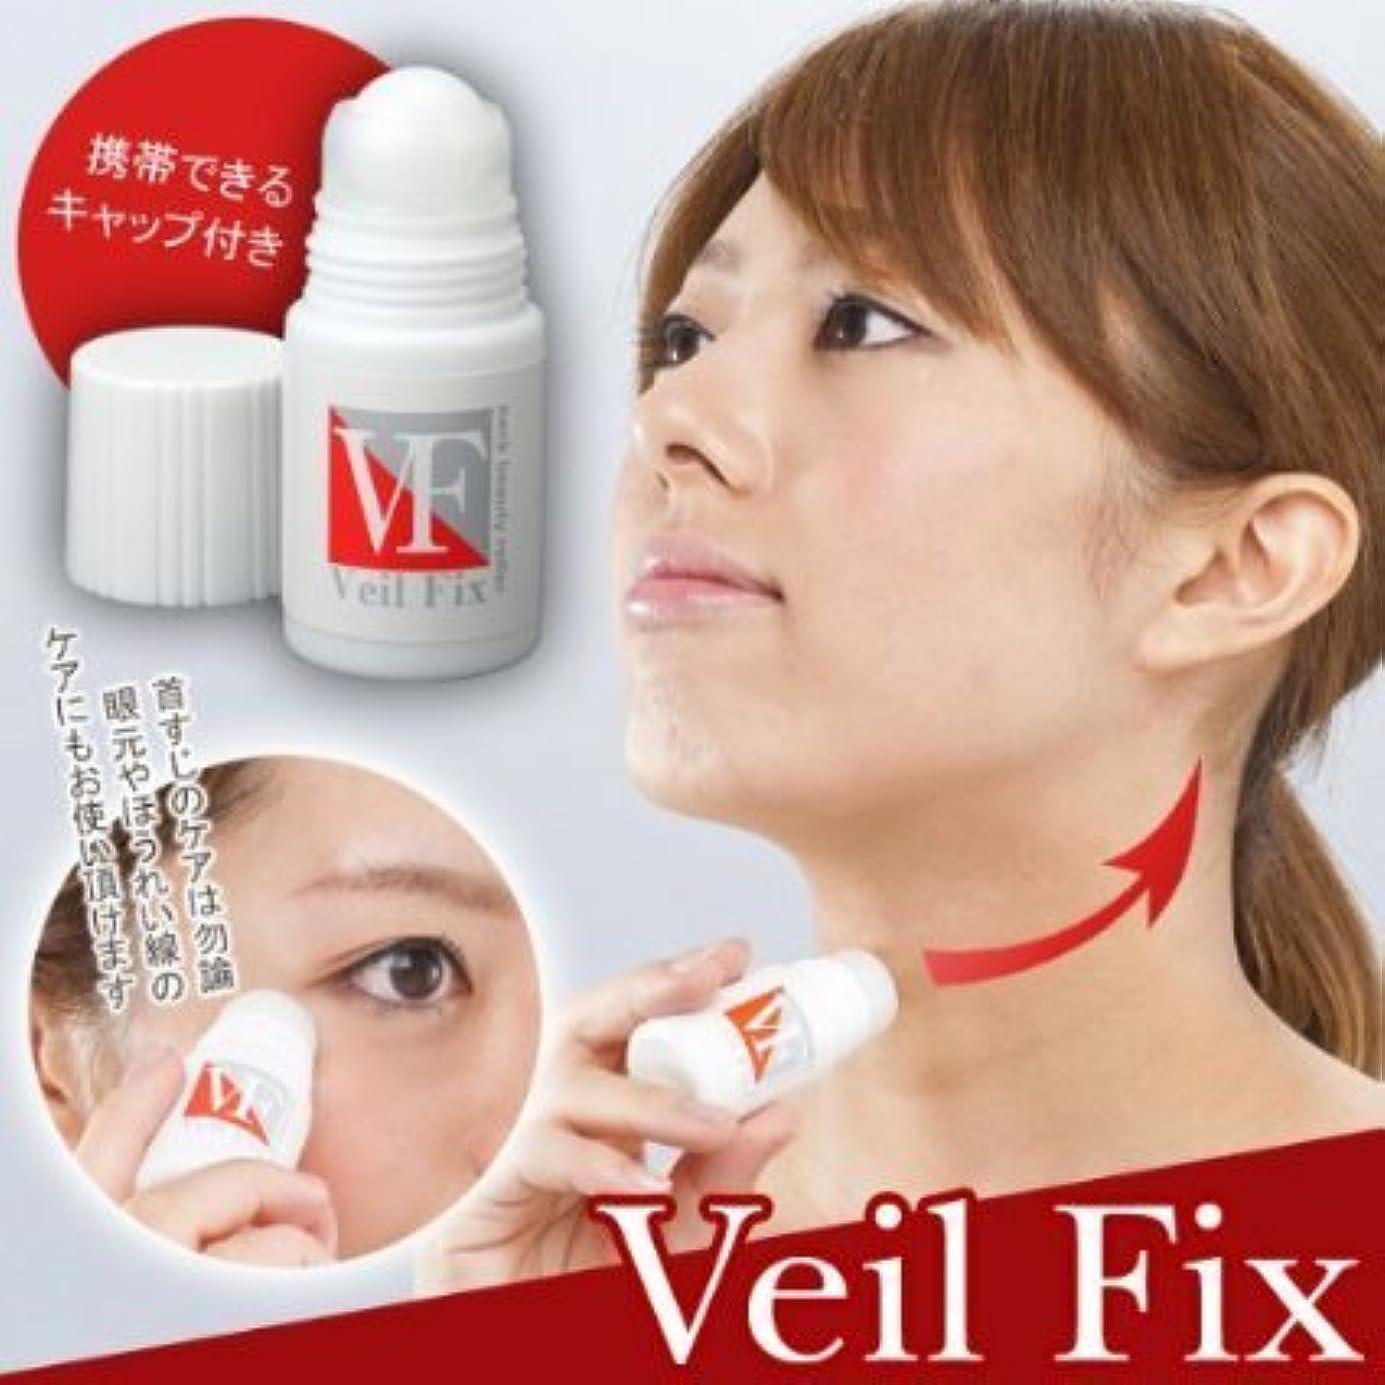 ボーカル予約ボーナスVeil Fix neck beauty roller(ヴェイル フィックス ネックビューティーローラー)VFエッセンス 20ml